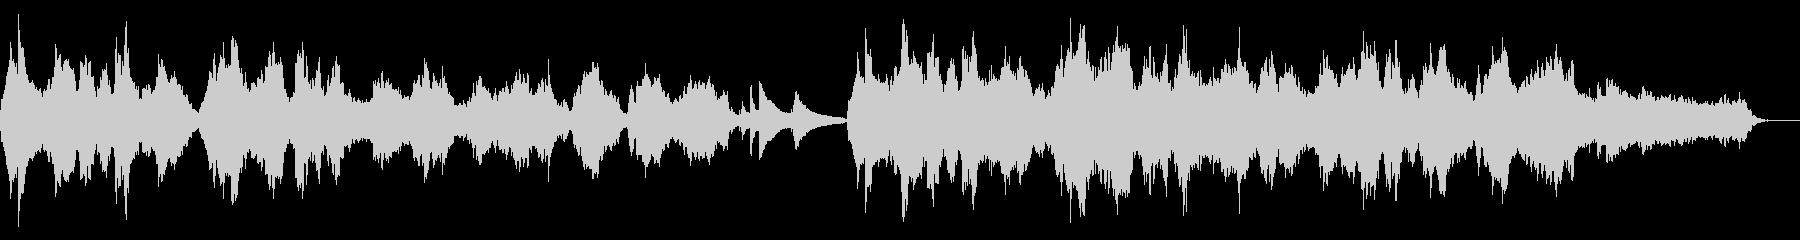 アコギとストリングスの悲しげな雰囲気の曲の未再生の波形